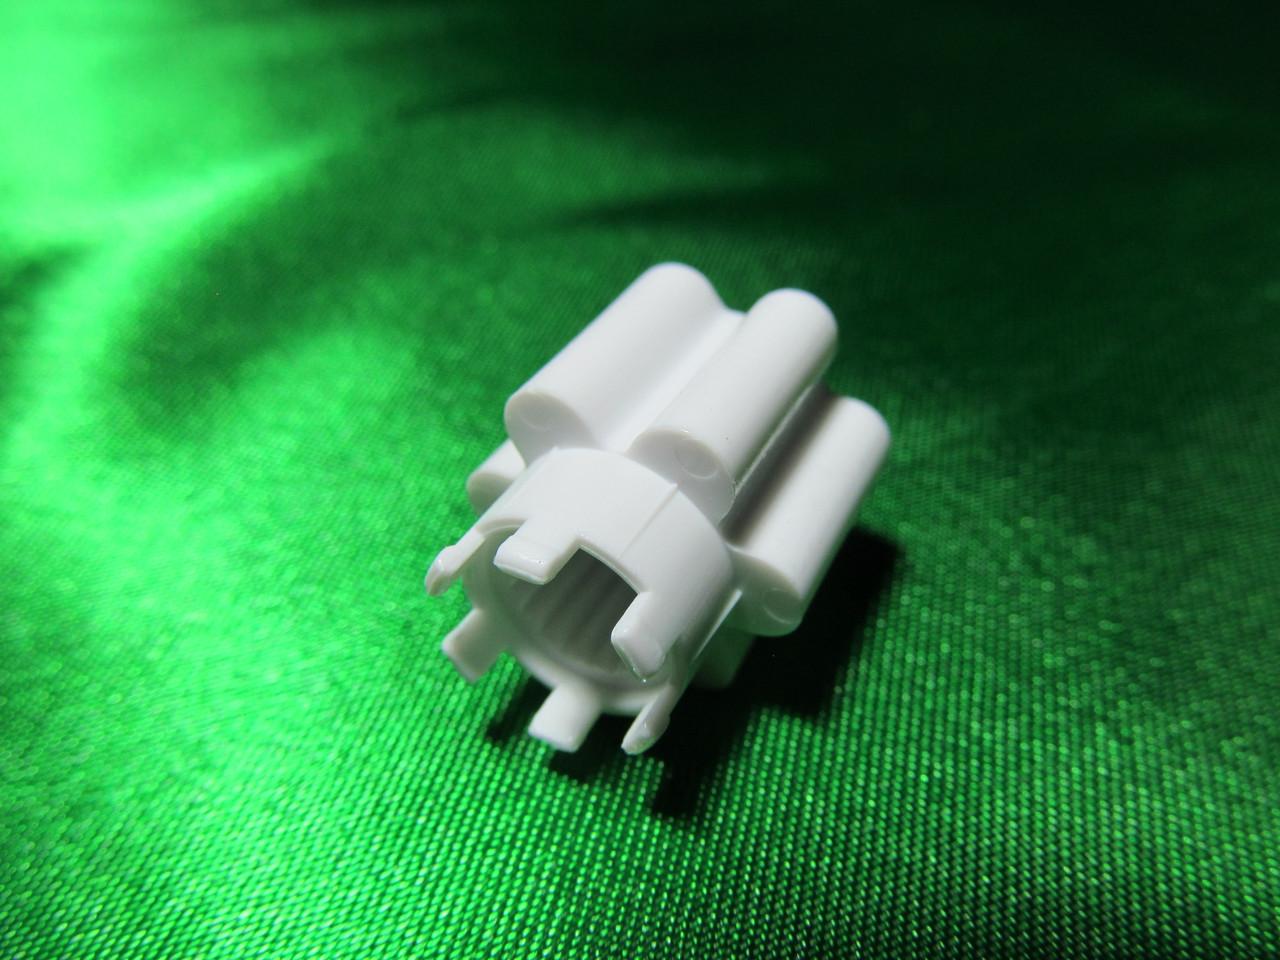 Соединение-муфта для оси мотора к кухонным комбайнам Bosch, Siemens, Neff, Gaggenau (Бош, Сименс, Нефф)